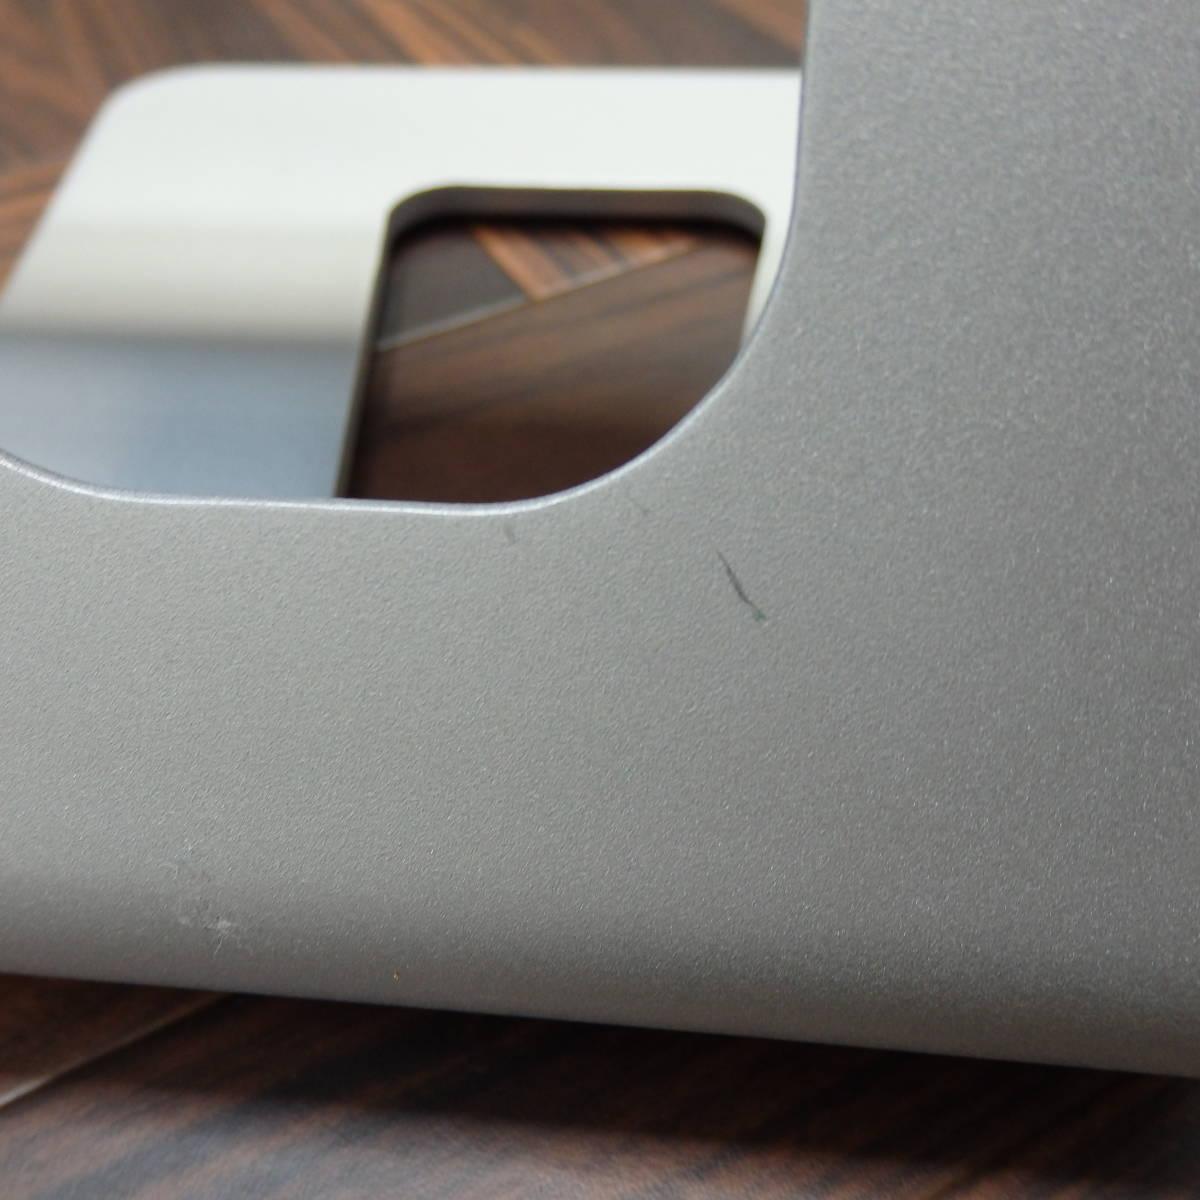 中古良品♪ 美品♪ I-O DATA LCD-MF272CGBR 27インチワイド 光沢液晶モニター 2560x1440 HDMI端子 WQHD解像度対応 アイオーデータ IO DATA_画像7